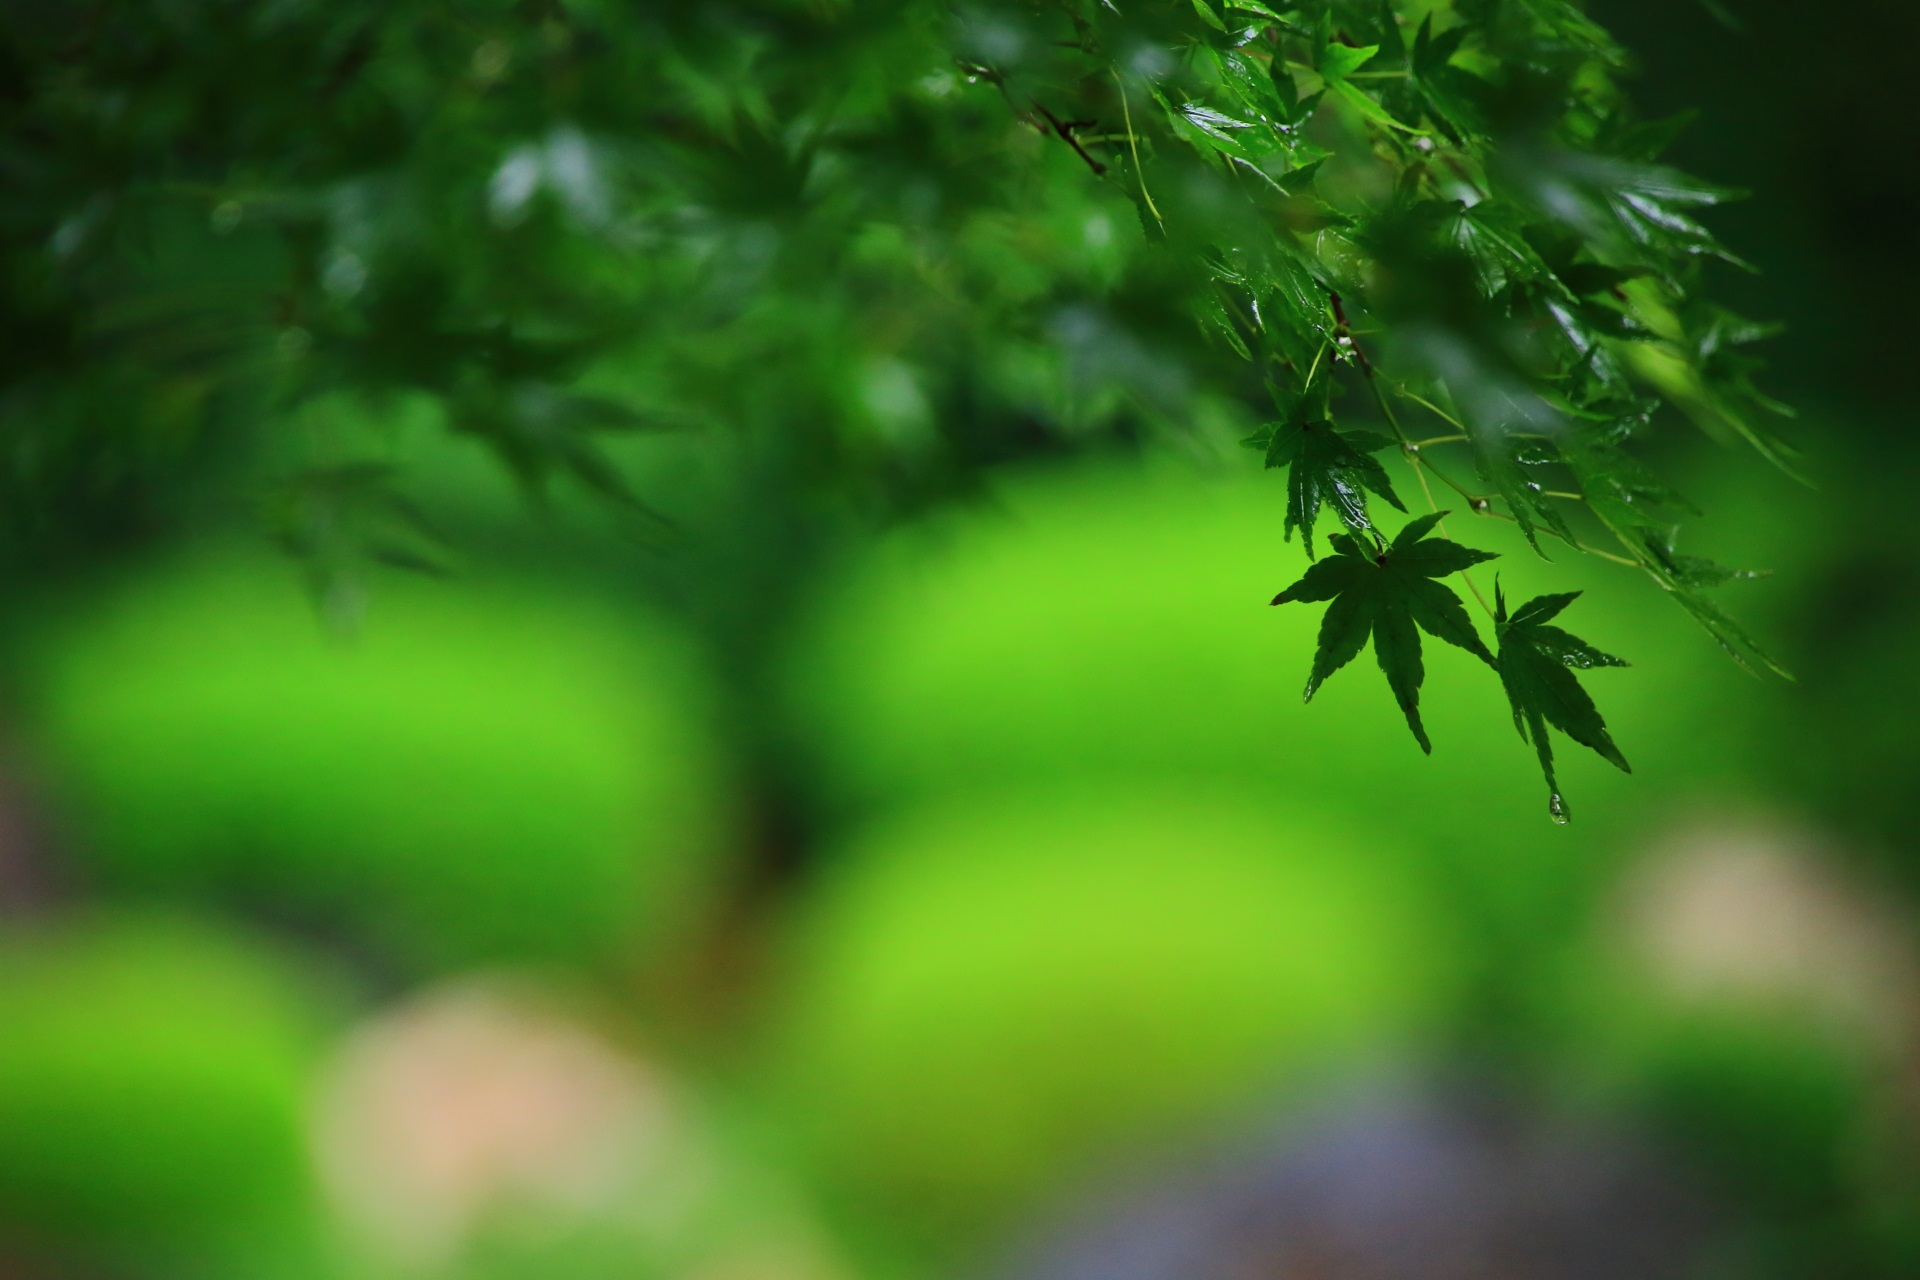 青もみじの美しい御香宮神社の庭園